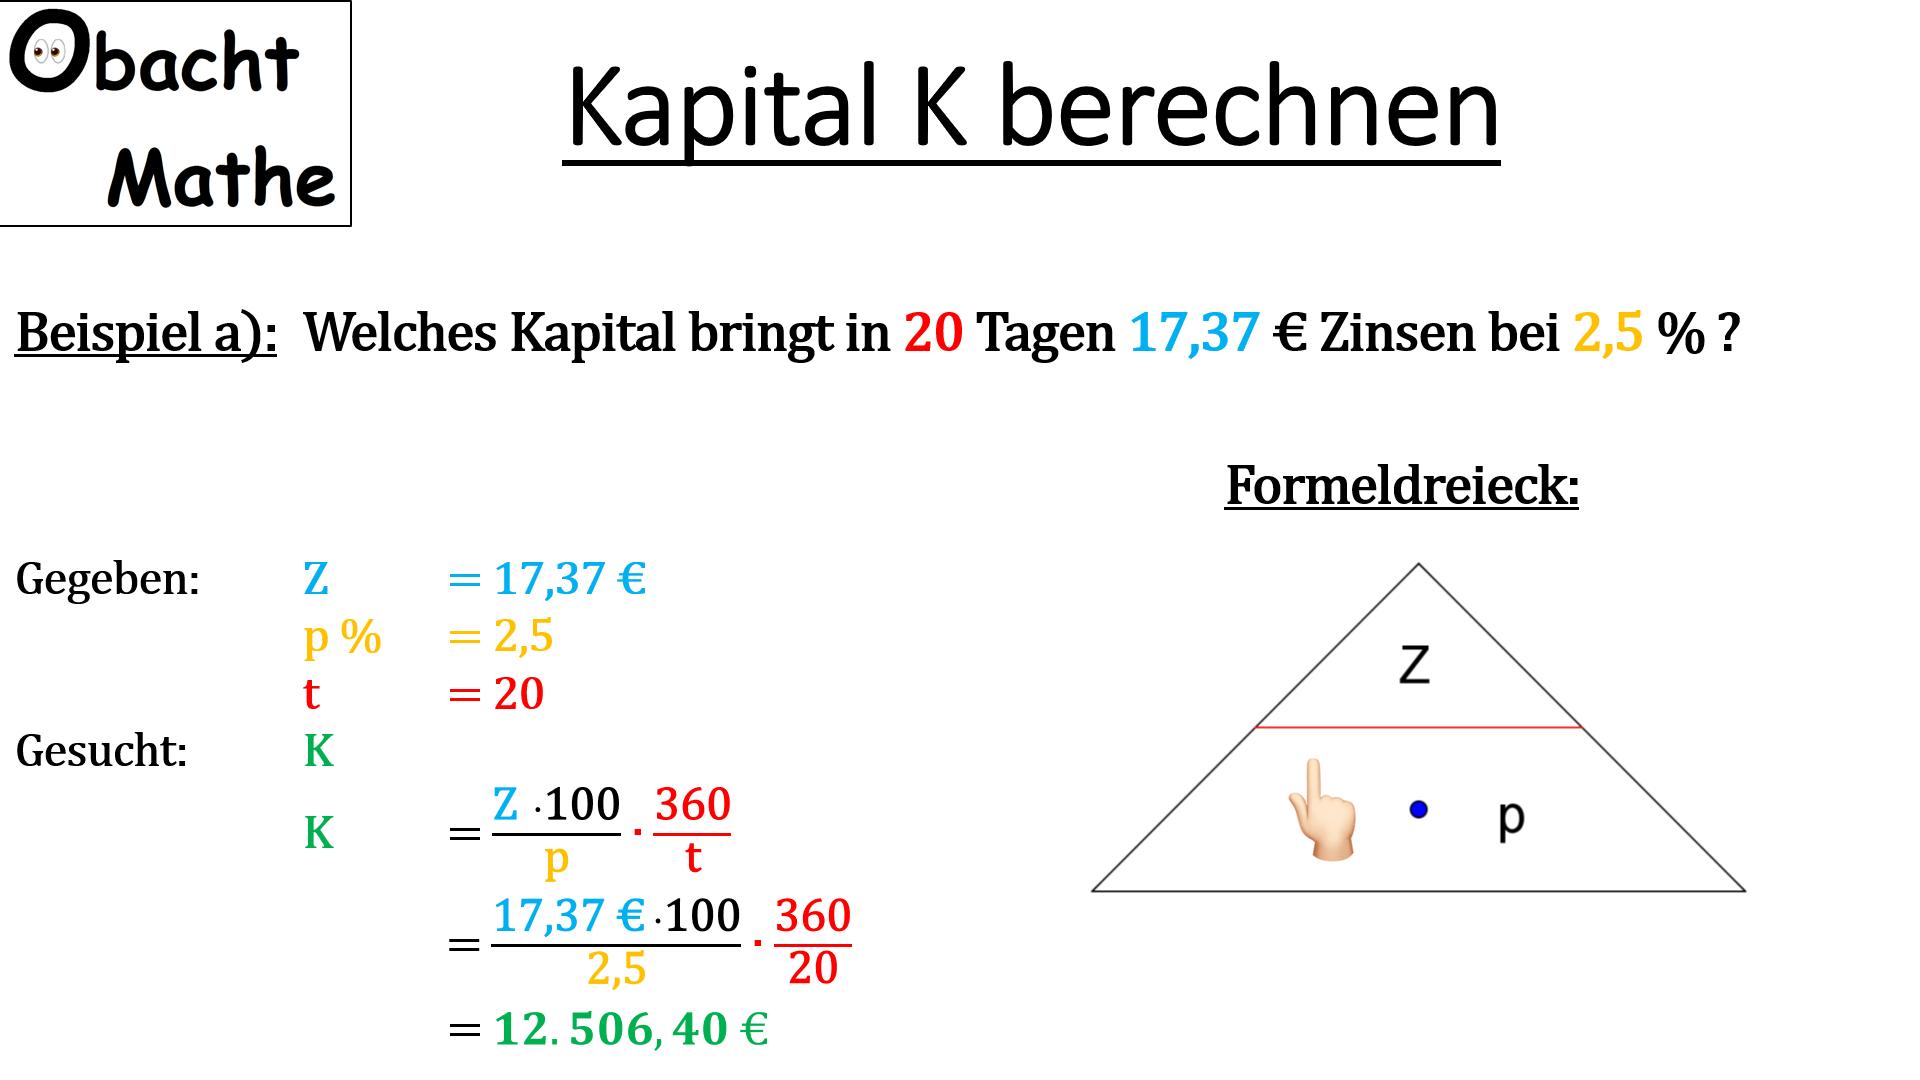 Wie Berechnet Man Das Kapital K Zinsrechnung Kapital Berechnen Formeldreieck Jahresformel Monatsformel Zinsrechnung Mathematik Lernen Effektiv Lernen